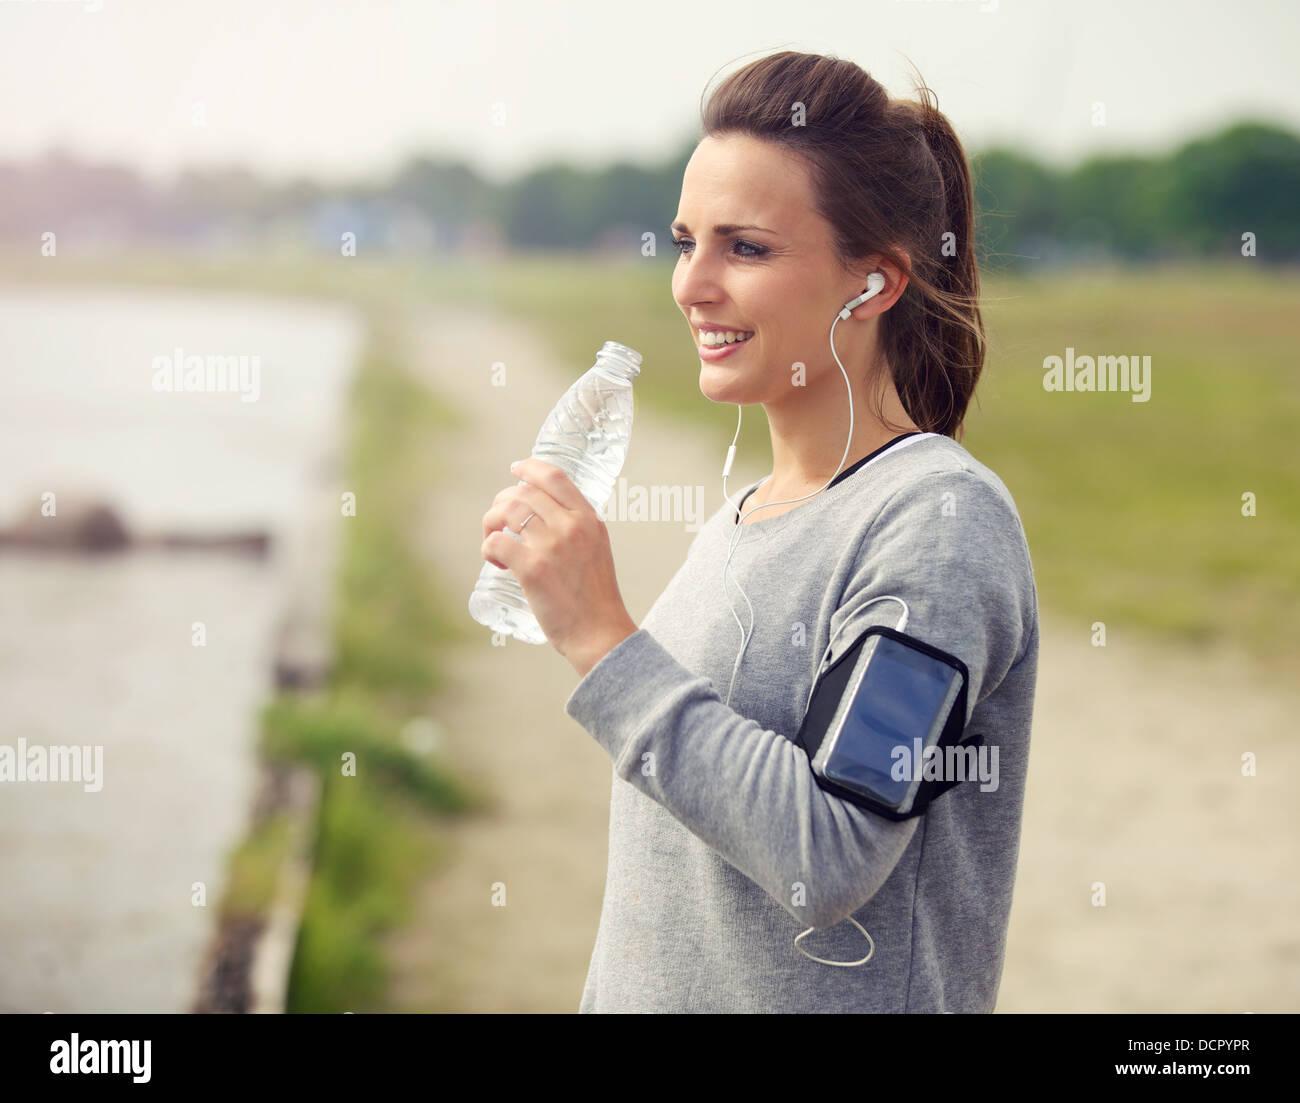 Donna sorridente runner mentre si beve acqua in bottiglia Immagini Stock